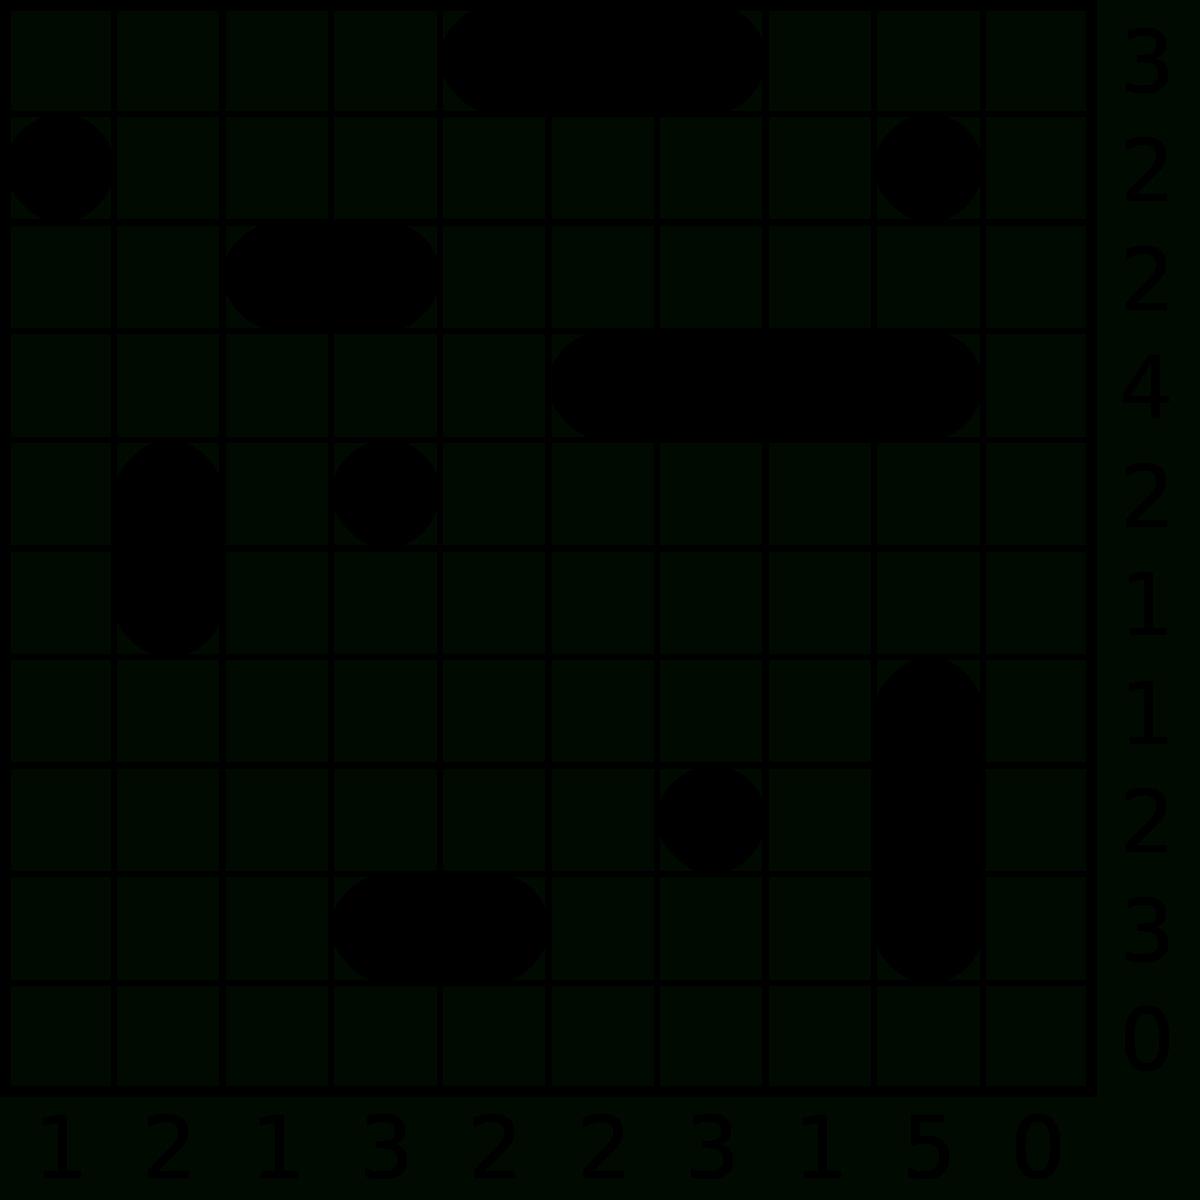 Battleship (Puzzle) - Wikipedia - Printable Battleship Puzzles